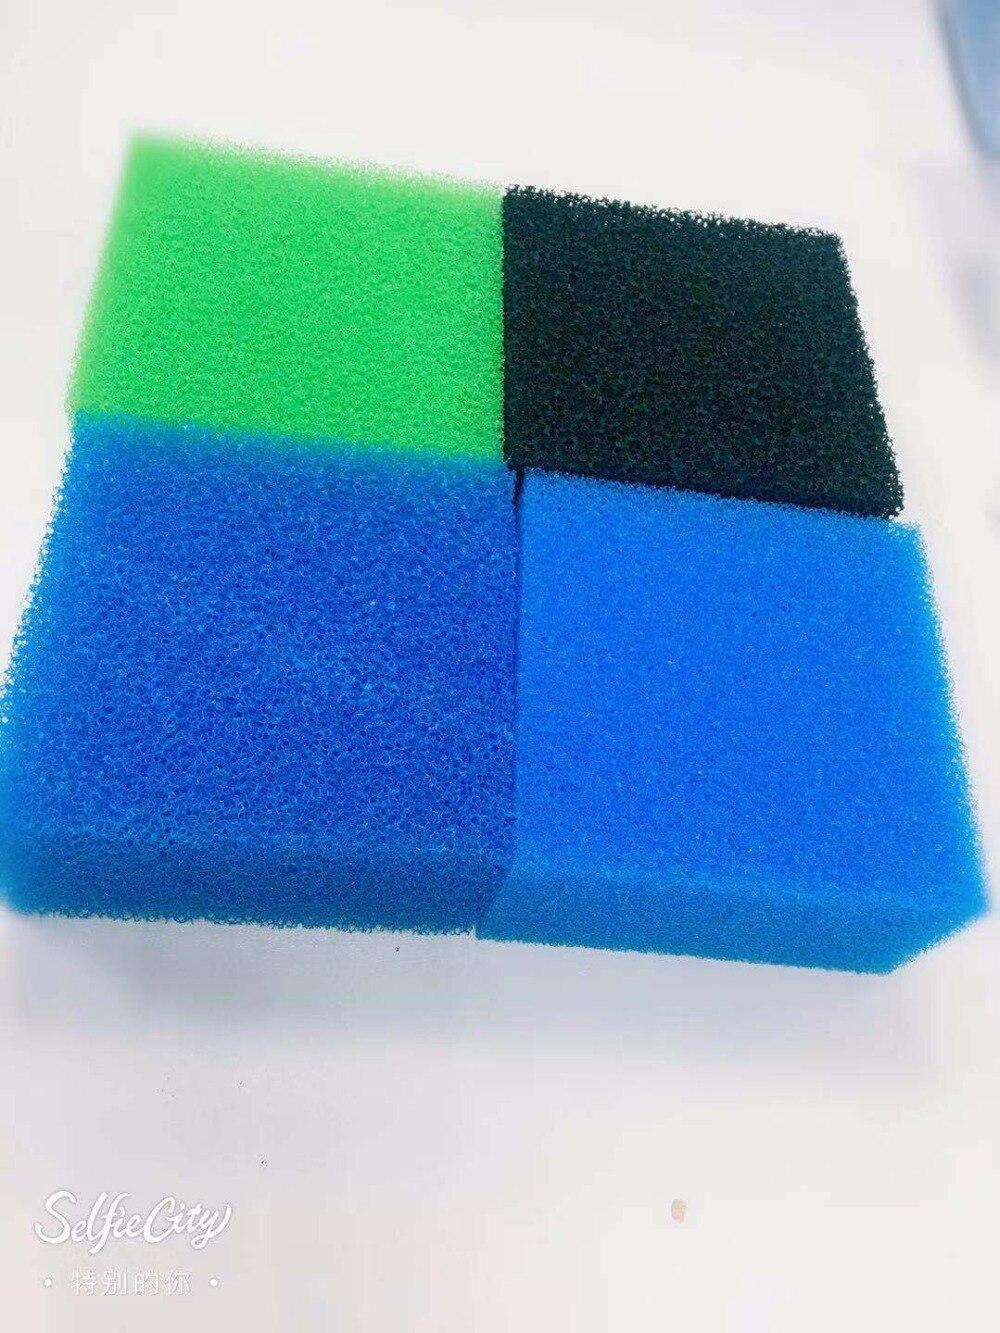 Multi-Set 24 PCS of Compatibili Acquario Filtro in Spugna per Juwel Compact/Bioflow 3.0 (6 xFine, 6 xCoarse, 6 xNitrate, 6 xCarbon)Multi-Set 24 PCS of Compatibili Acquario Filtro in Spugna per Juwel Compact/Bioflow 3.0 (6 xFine, 6 xCoarse, 6 xNitrate, 6 xCarbon)